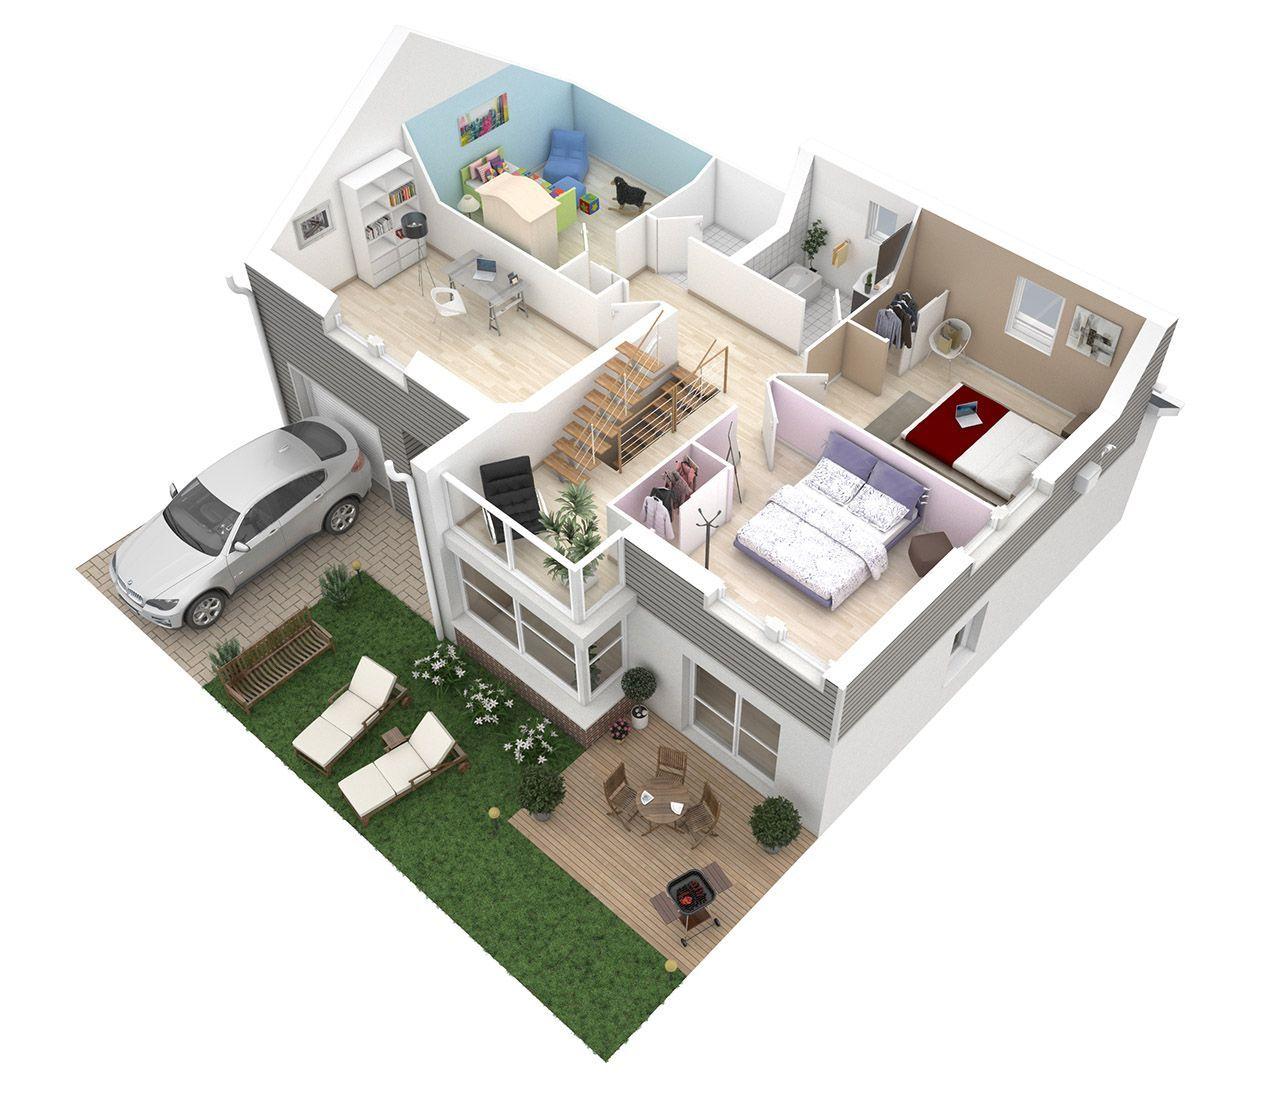 plan de maison 3d - ONEtoSIX